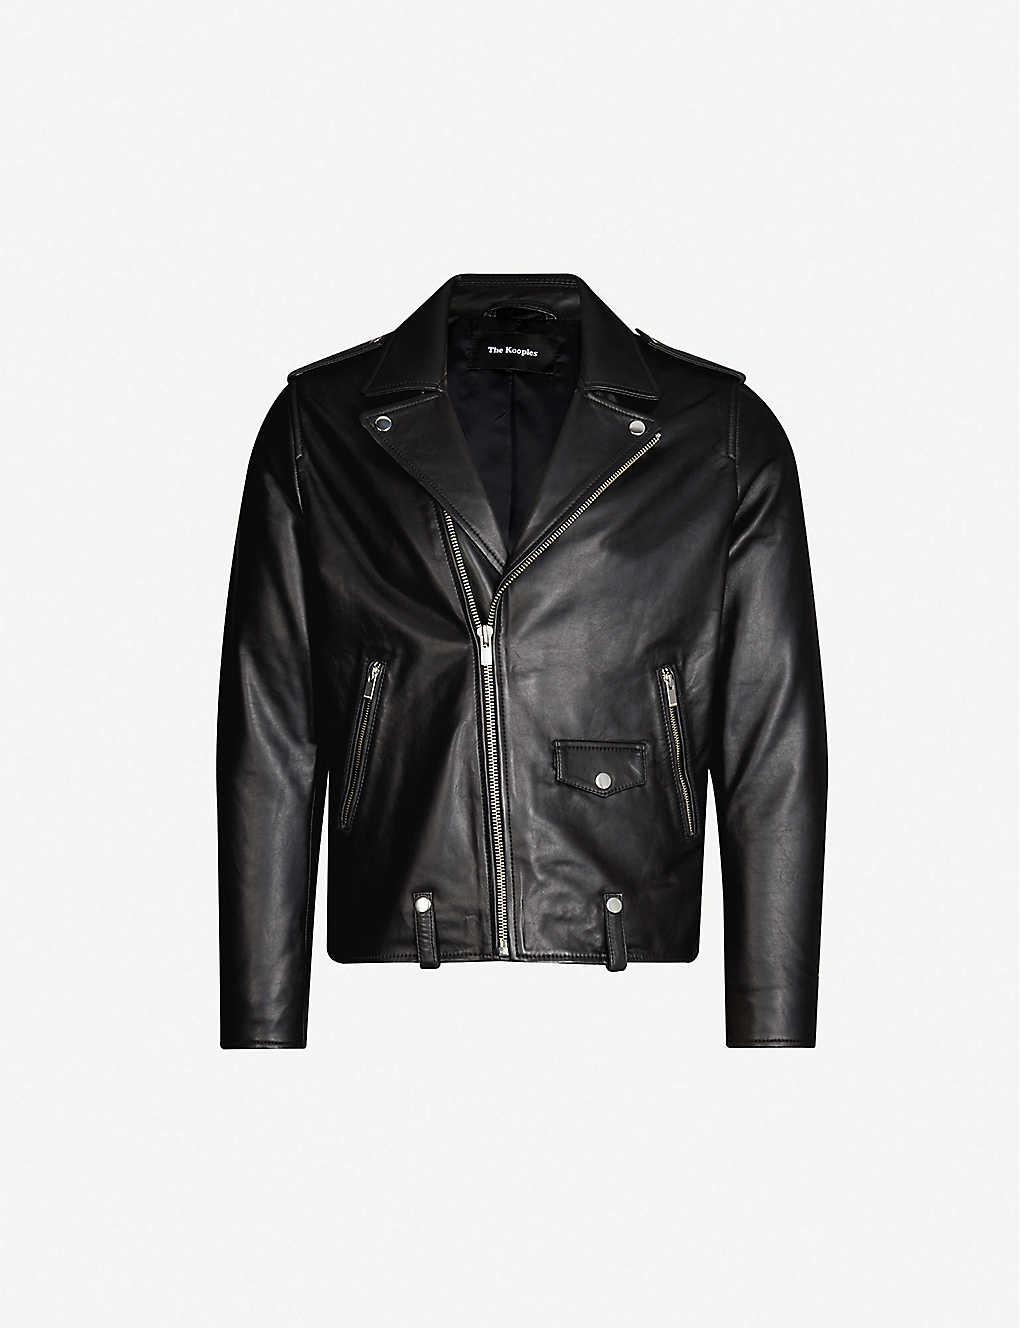 8152f4bec3 THE KOOPLES - Leather biker jacket | Selfridges.com